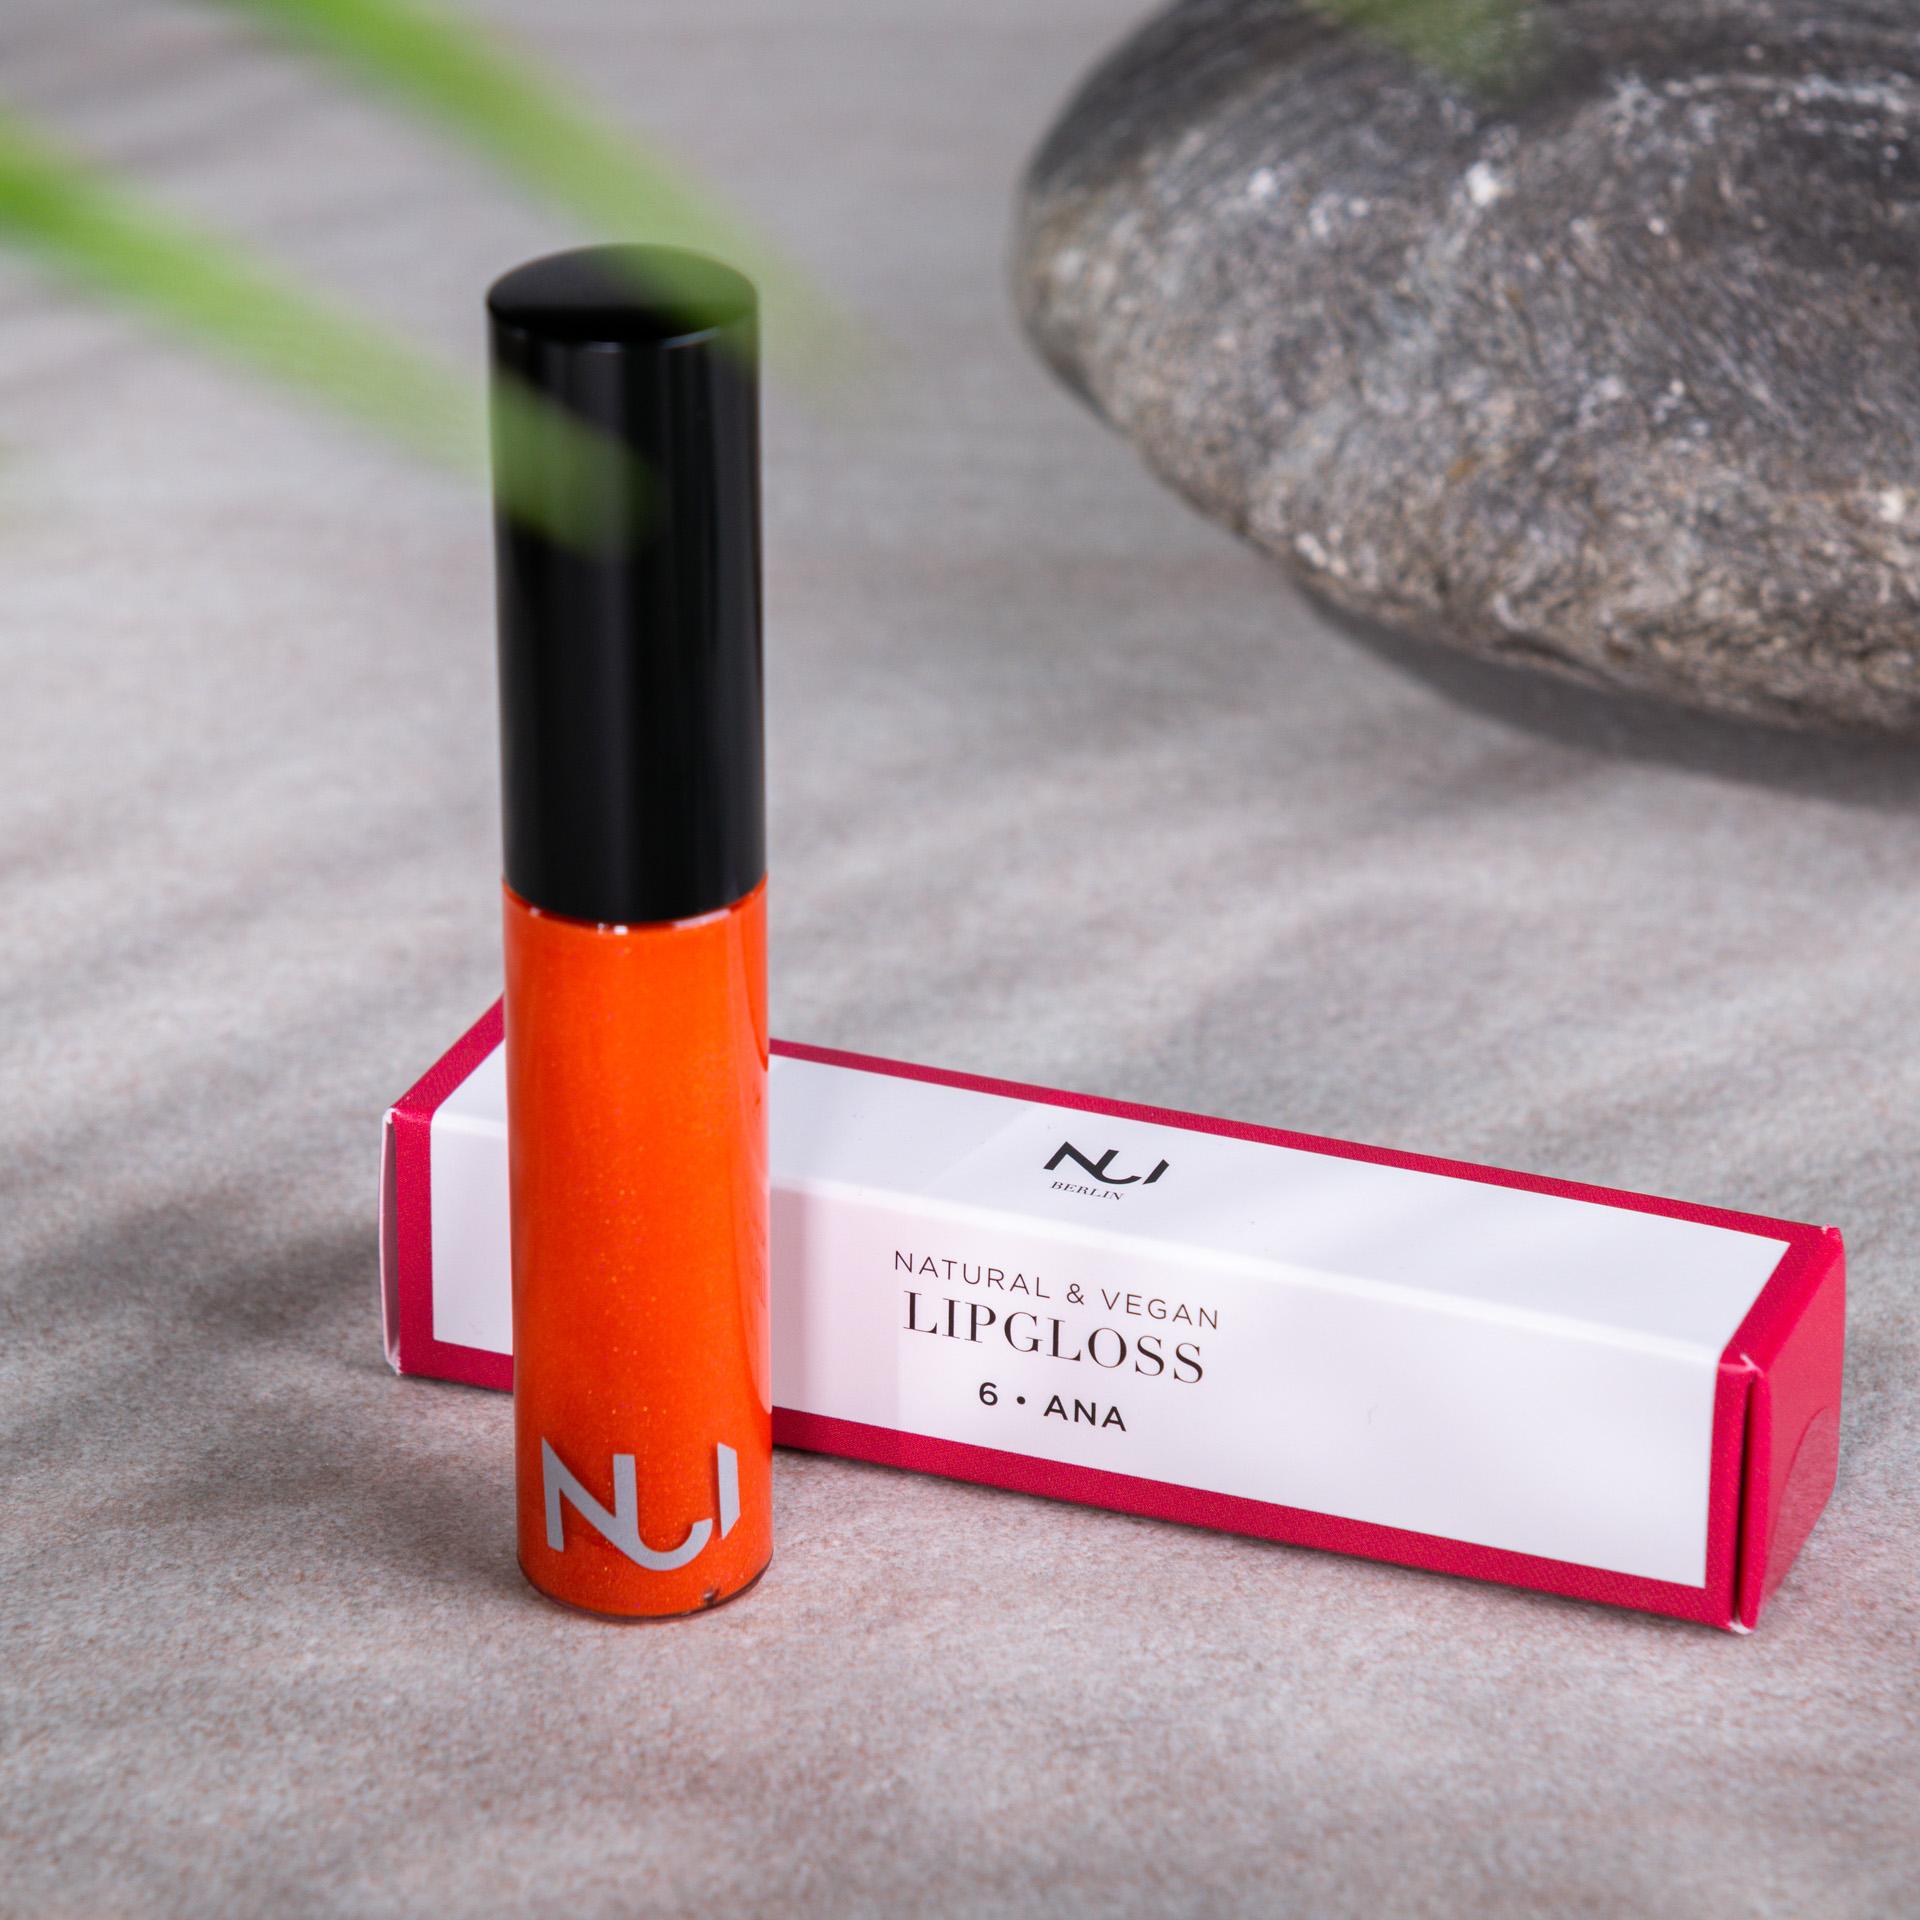 NUI Natural Lipgloss 6 ANA